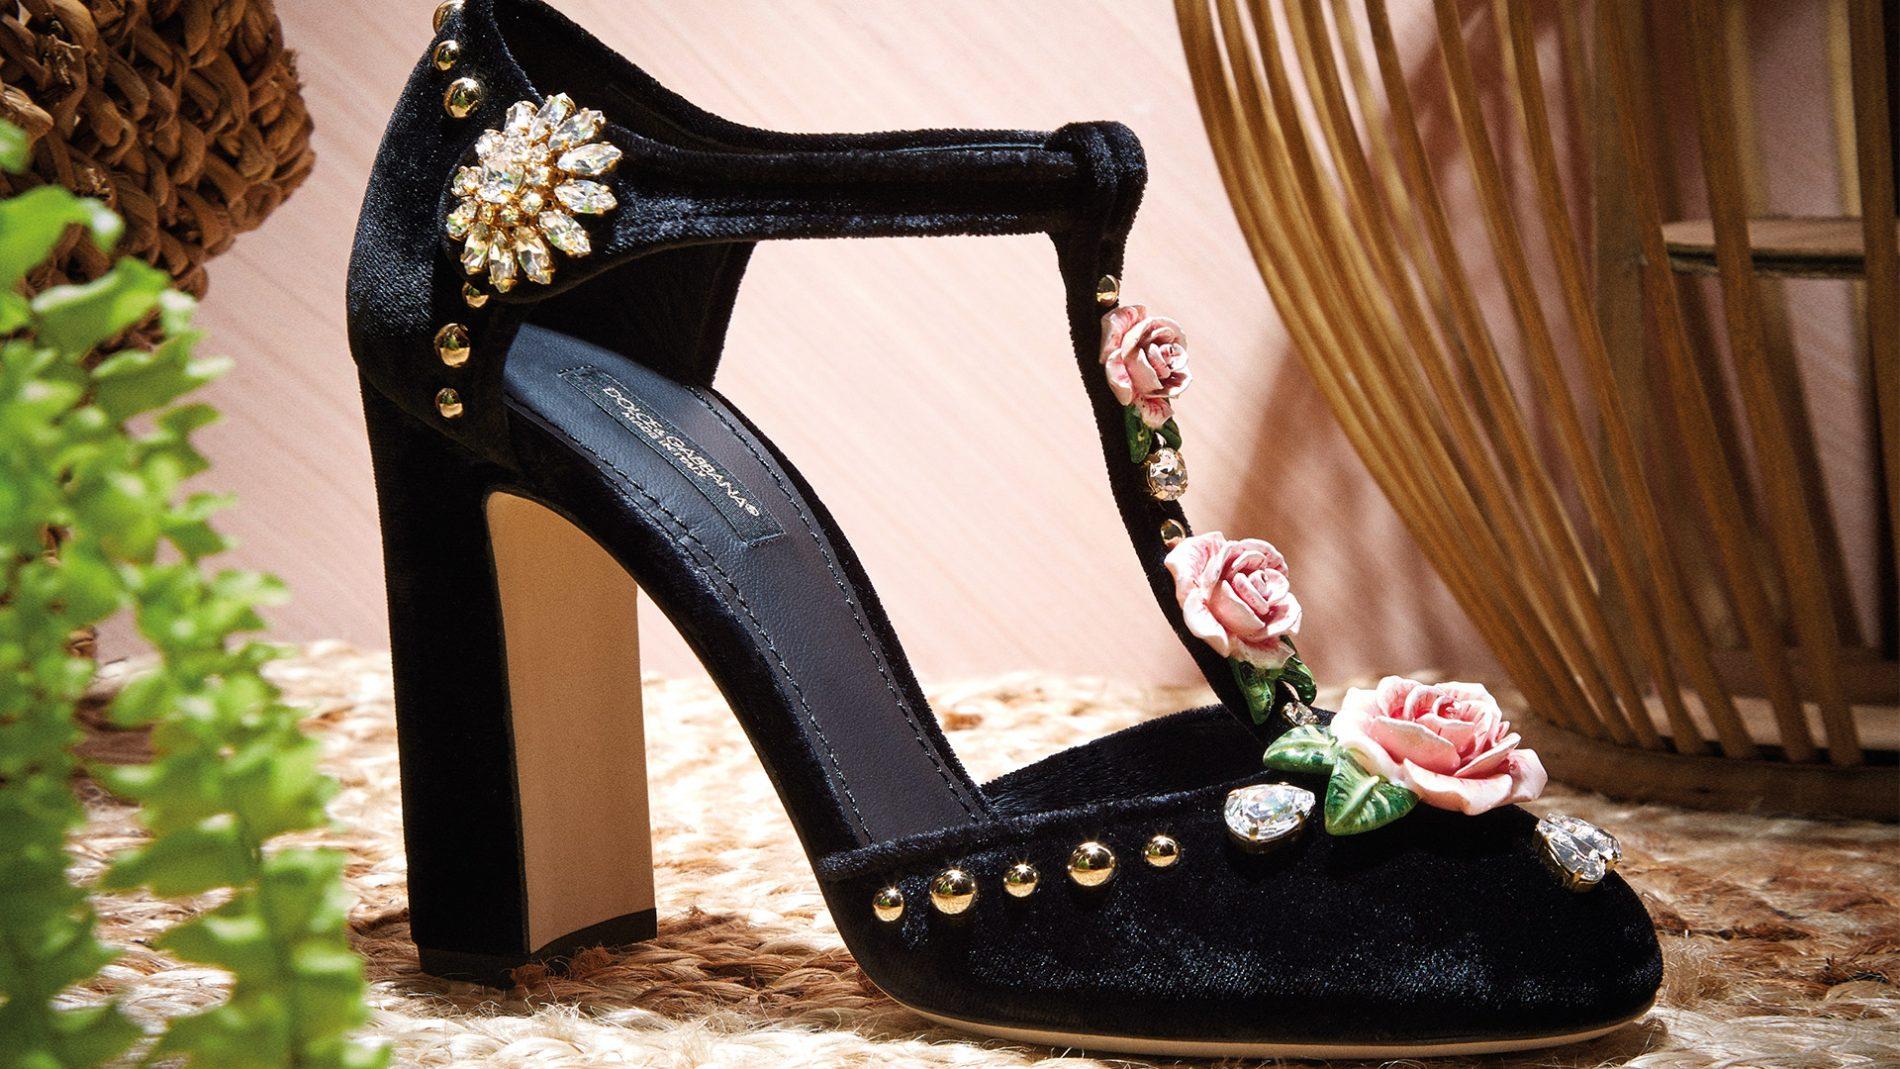 El Corte Inglés Designer Shoes Dolce & Gabbana